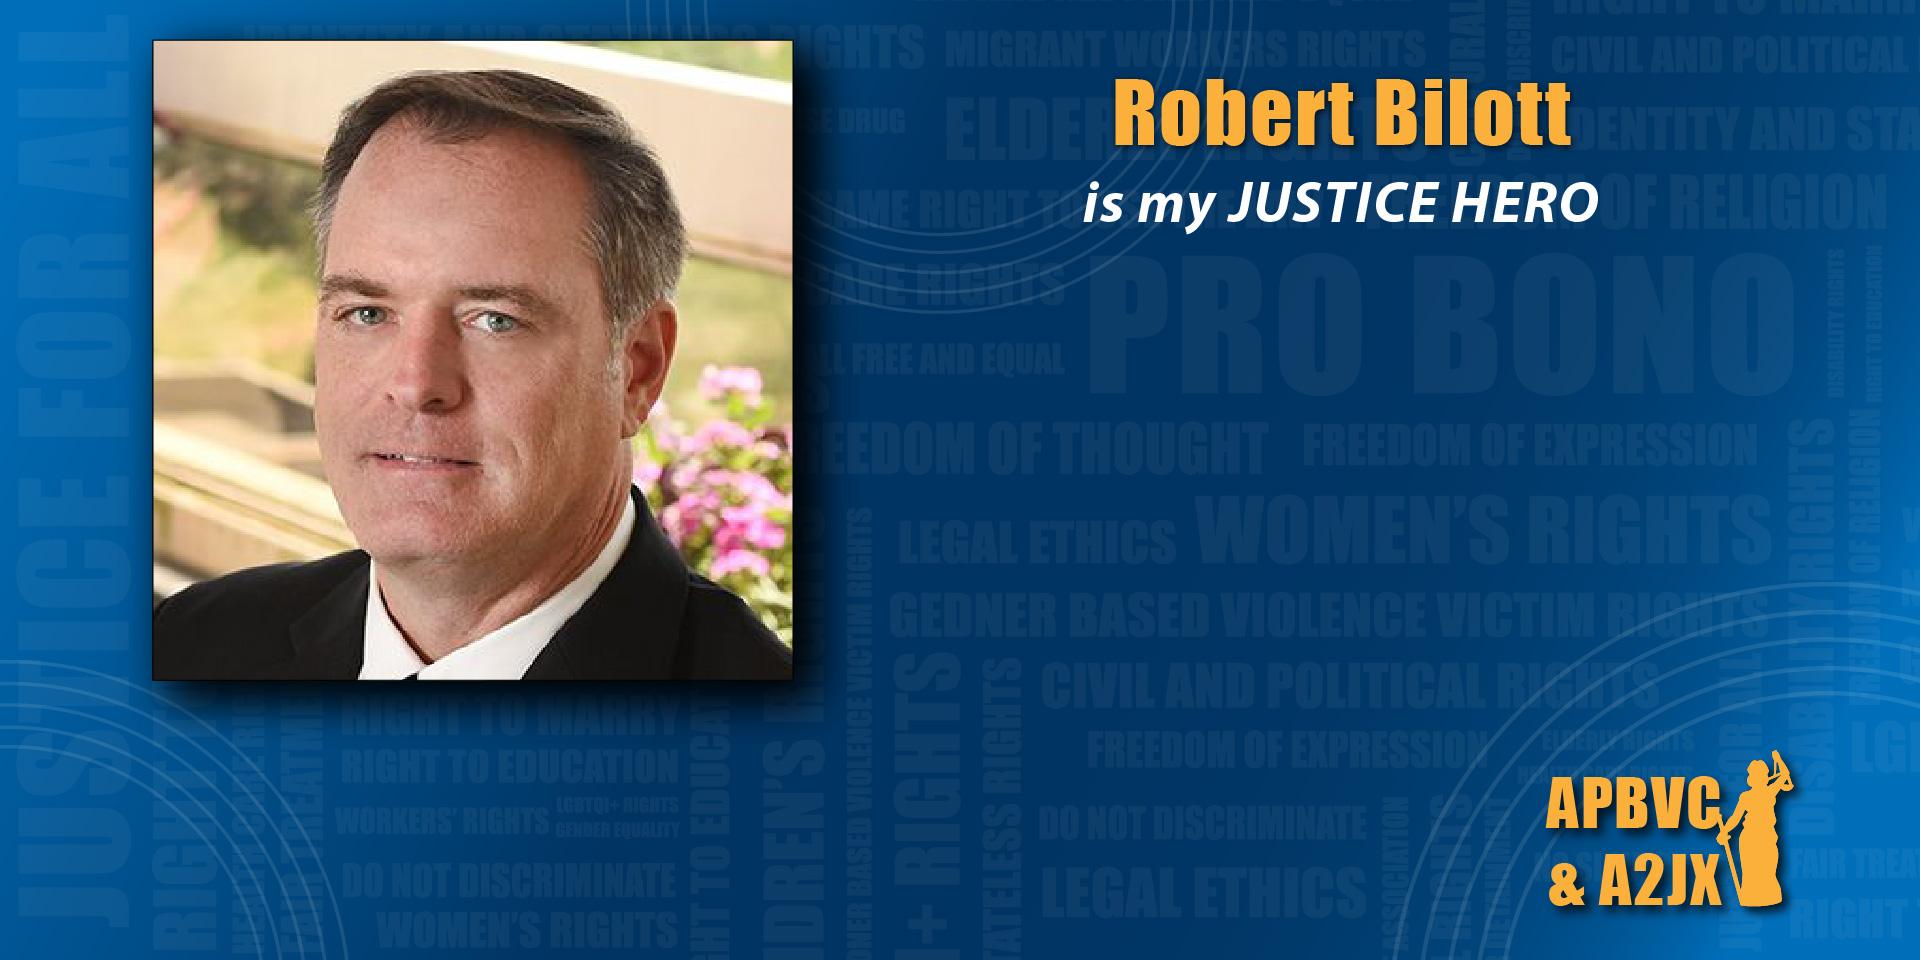 Robert Bilott